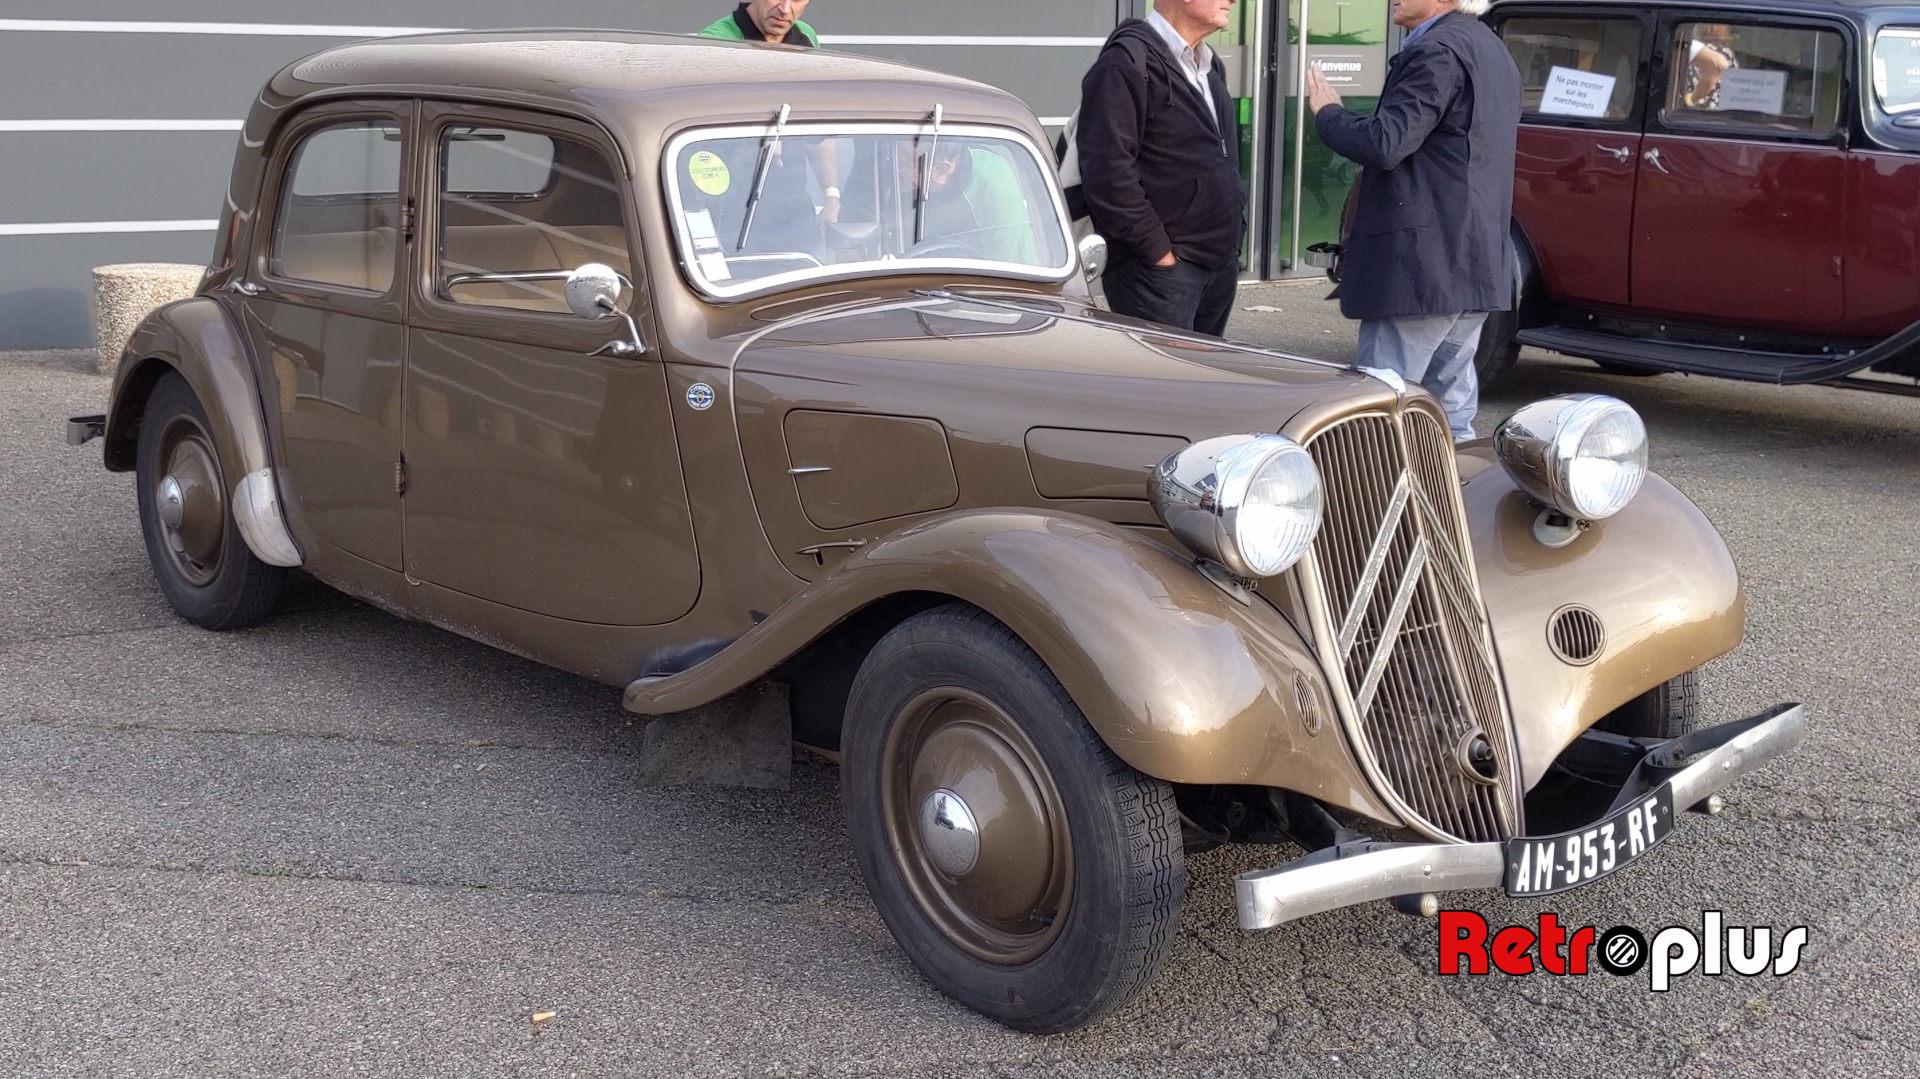 Automedon2019-parvisCitroen-012